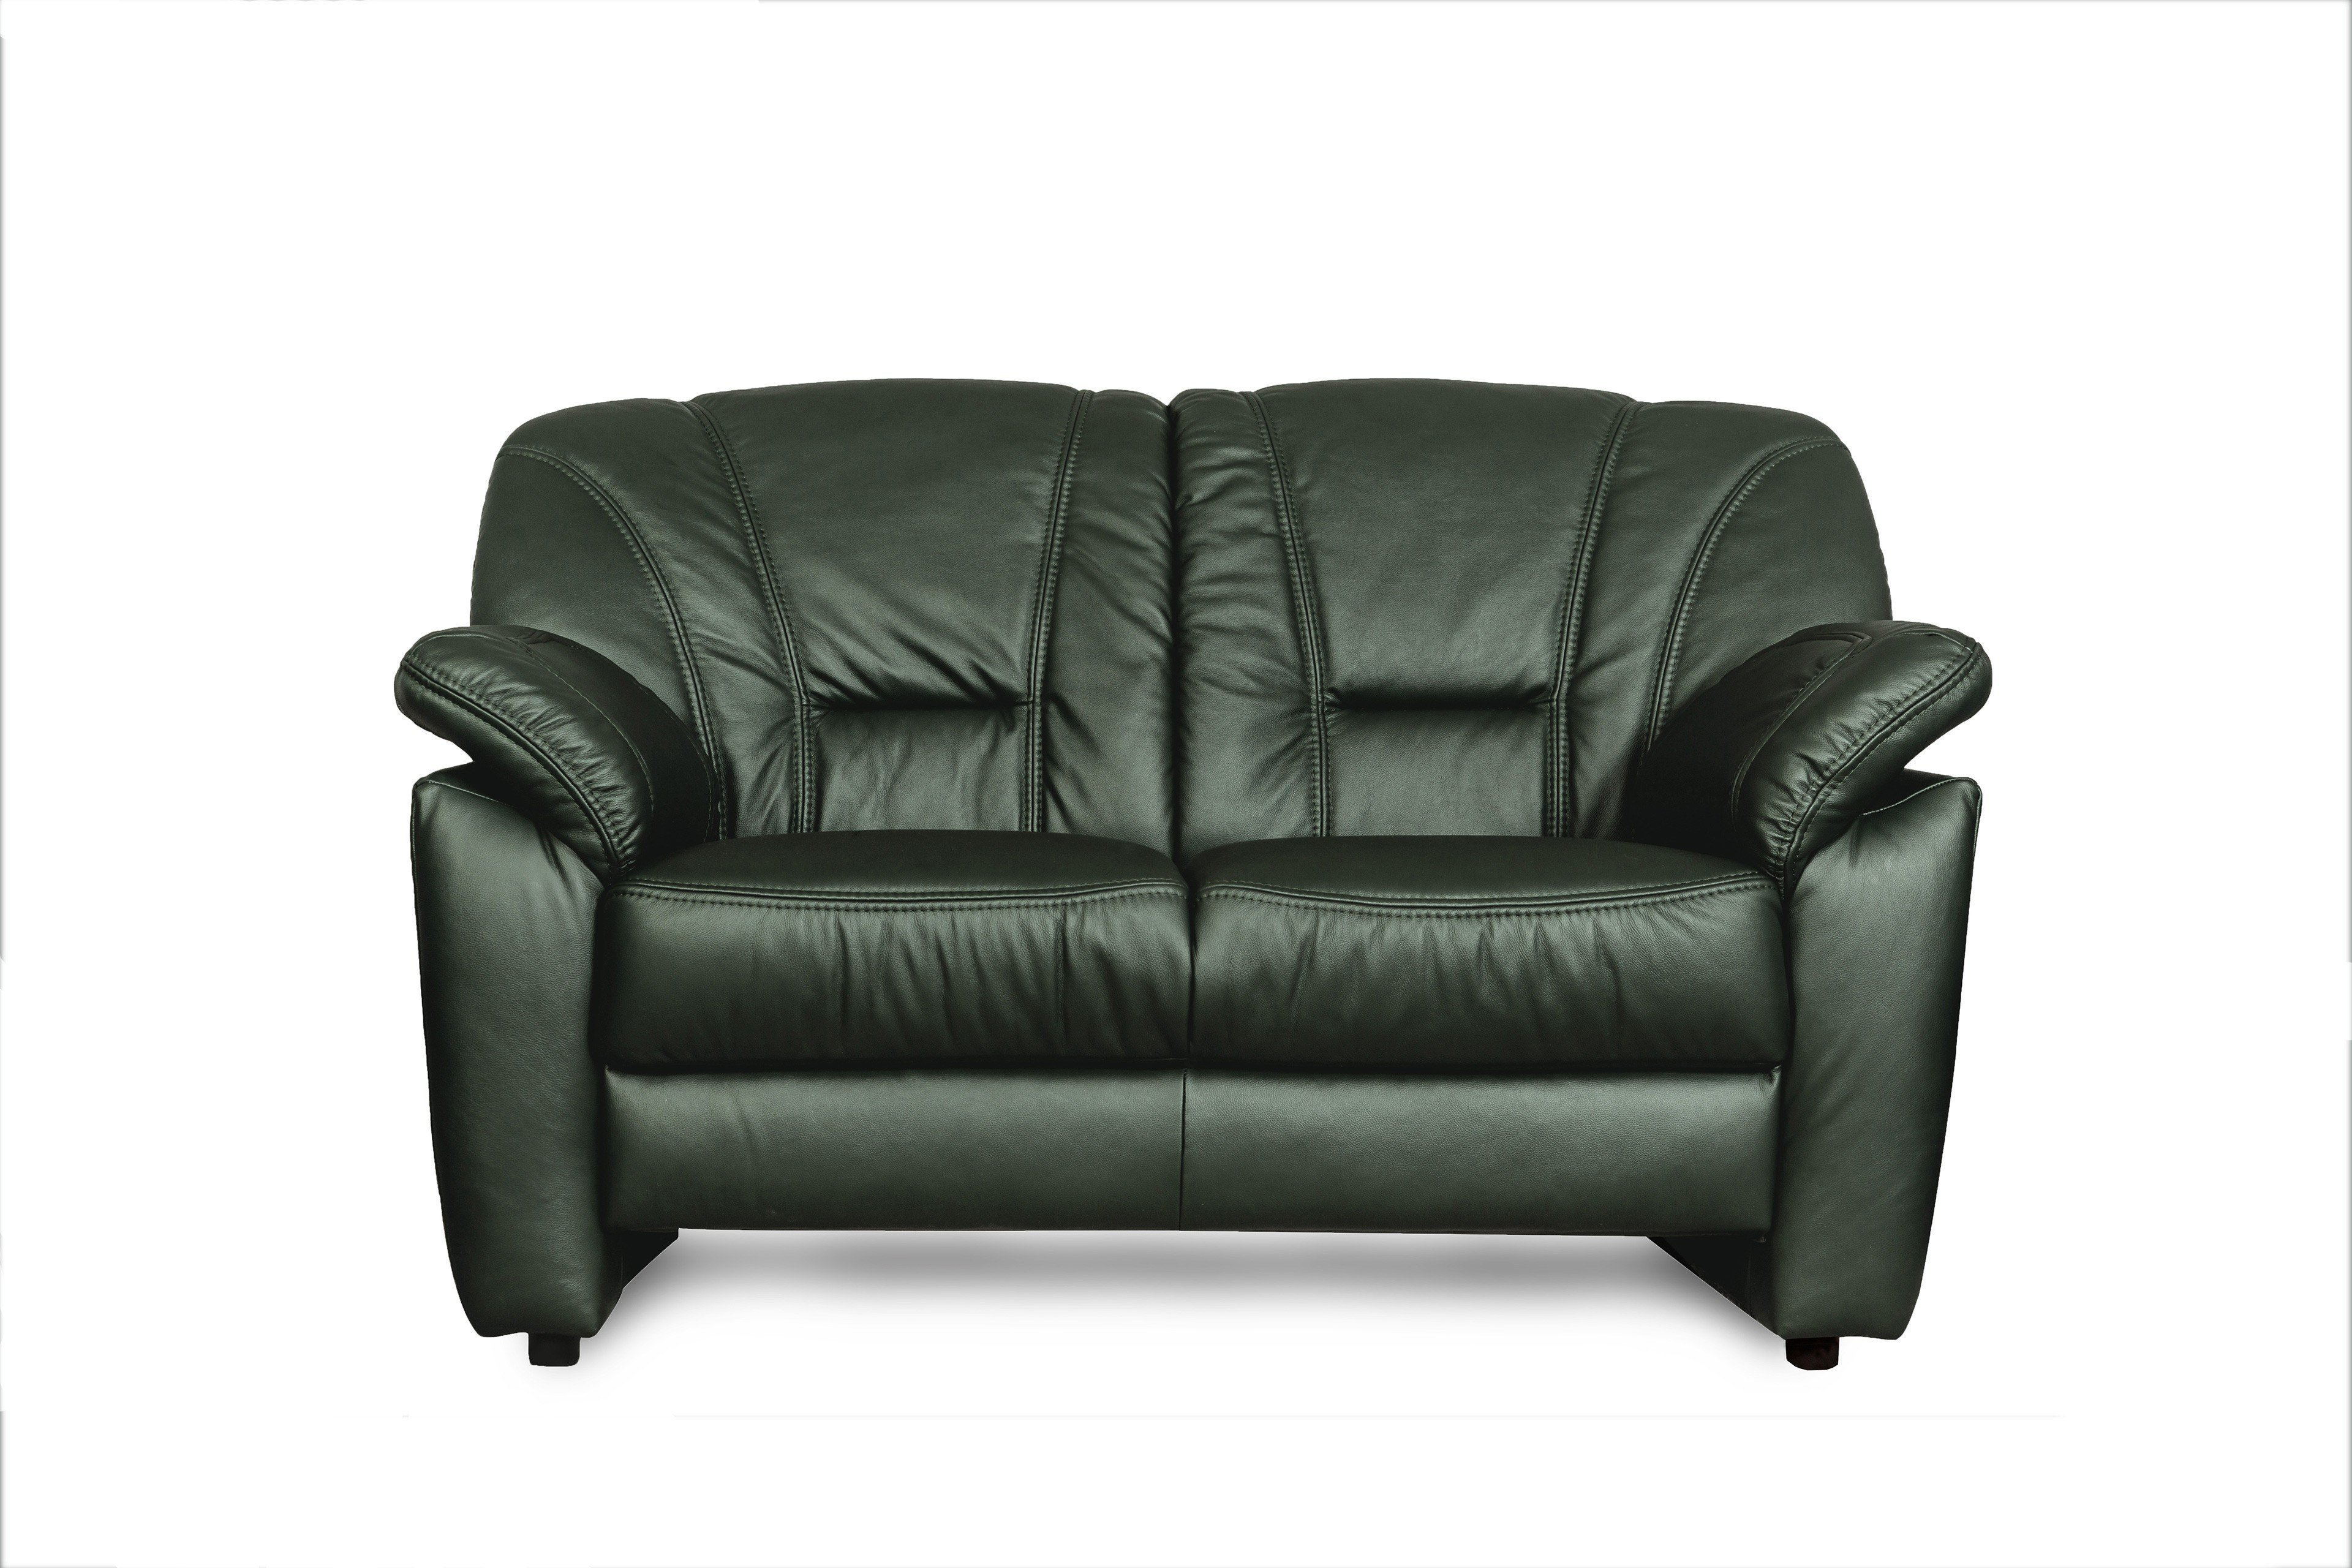 pm oelsa kiel ledergarnitur in gr n m bel letz ihr online shop. Black Bedroom Furniture Sets. Home Design Ideas